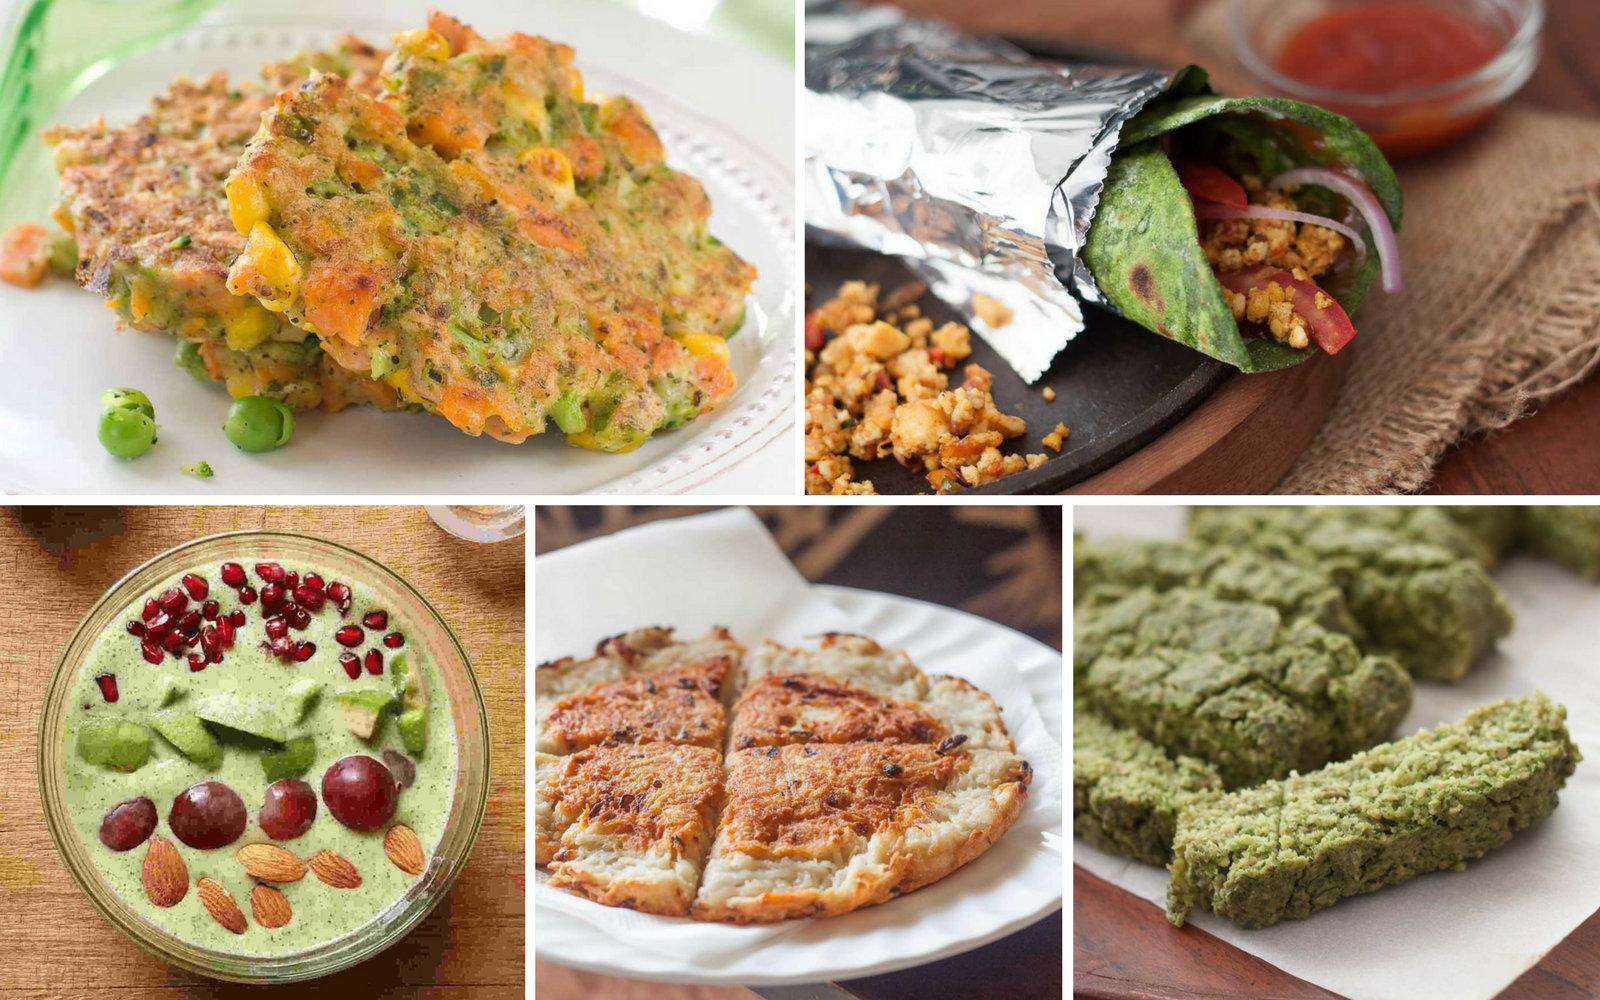 Delicious healthy food ideas - 24 Deliciously Healthy Breakfast Recipes